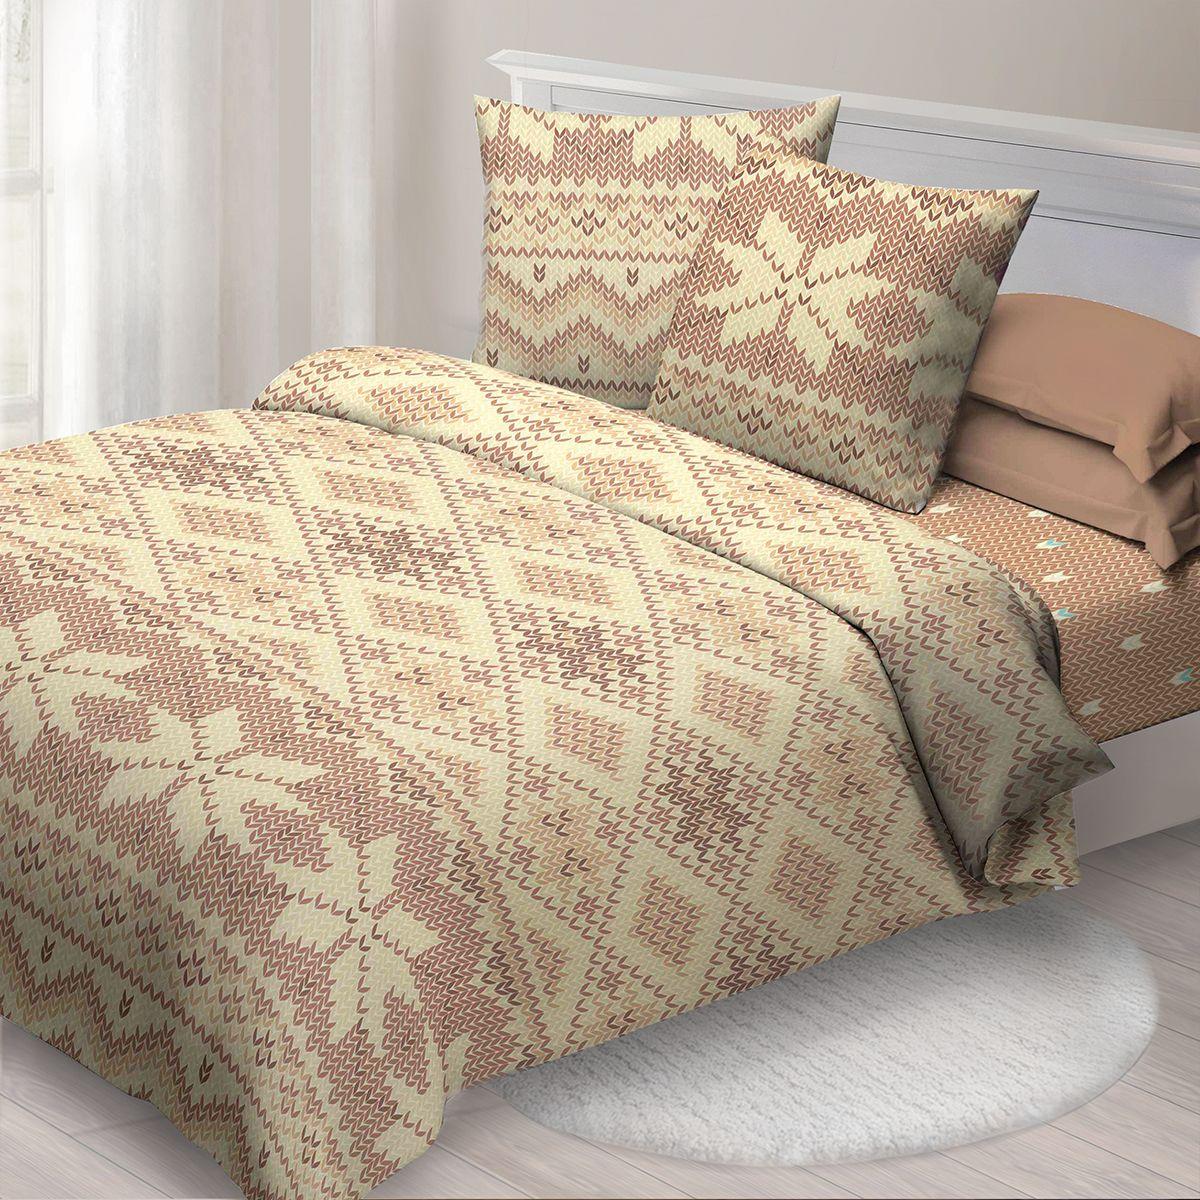 Комплект белья Спал Спалыч Ингрид, 2-х спальное, наволочки 70x70, цвет: коричневый. 4087-185079